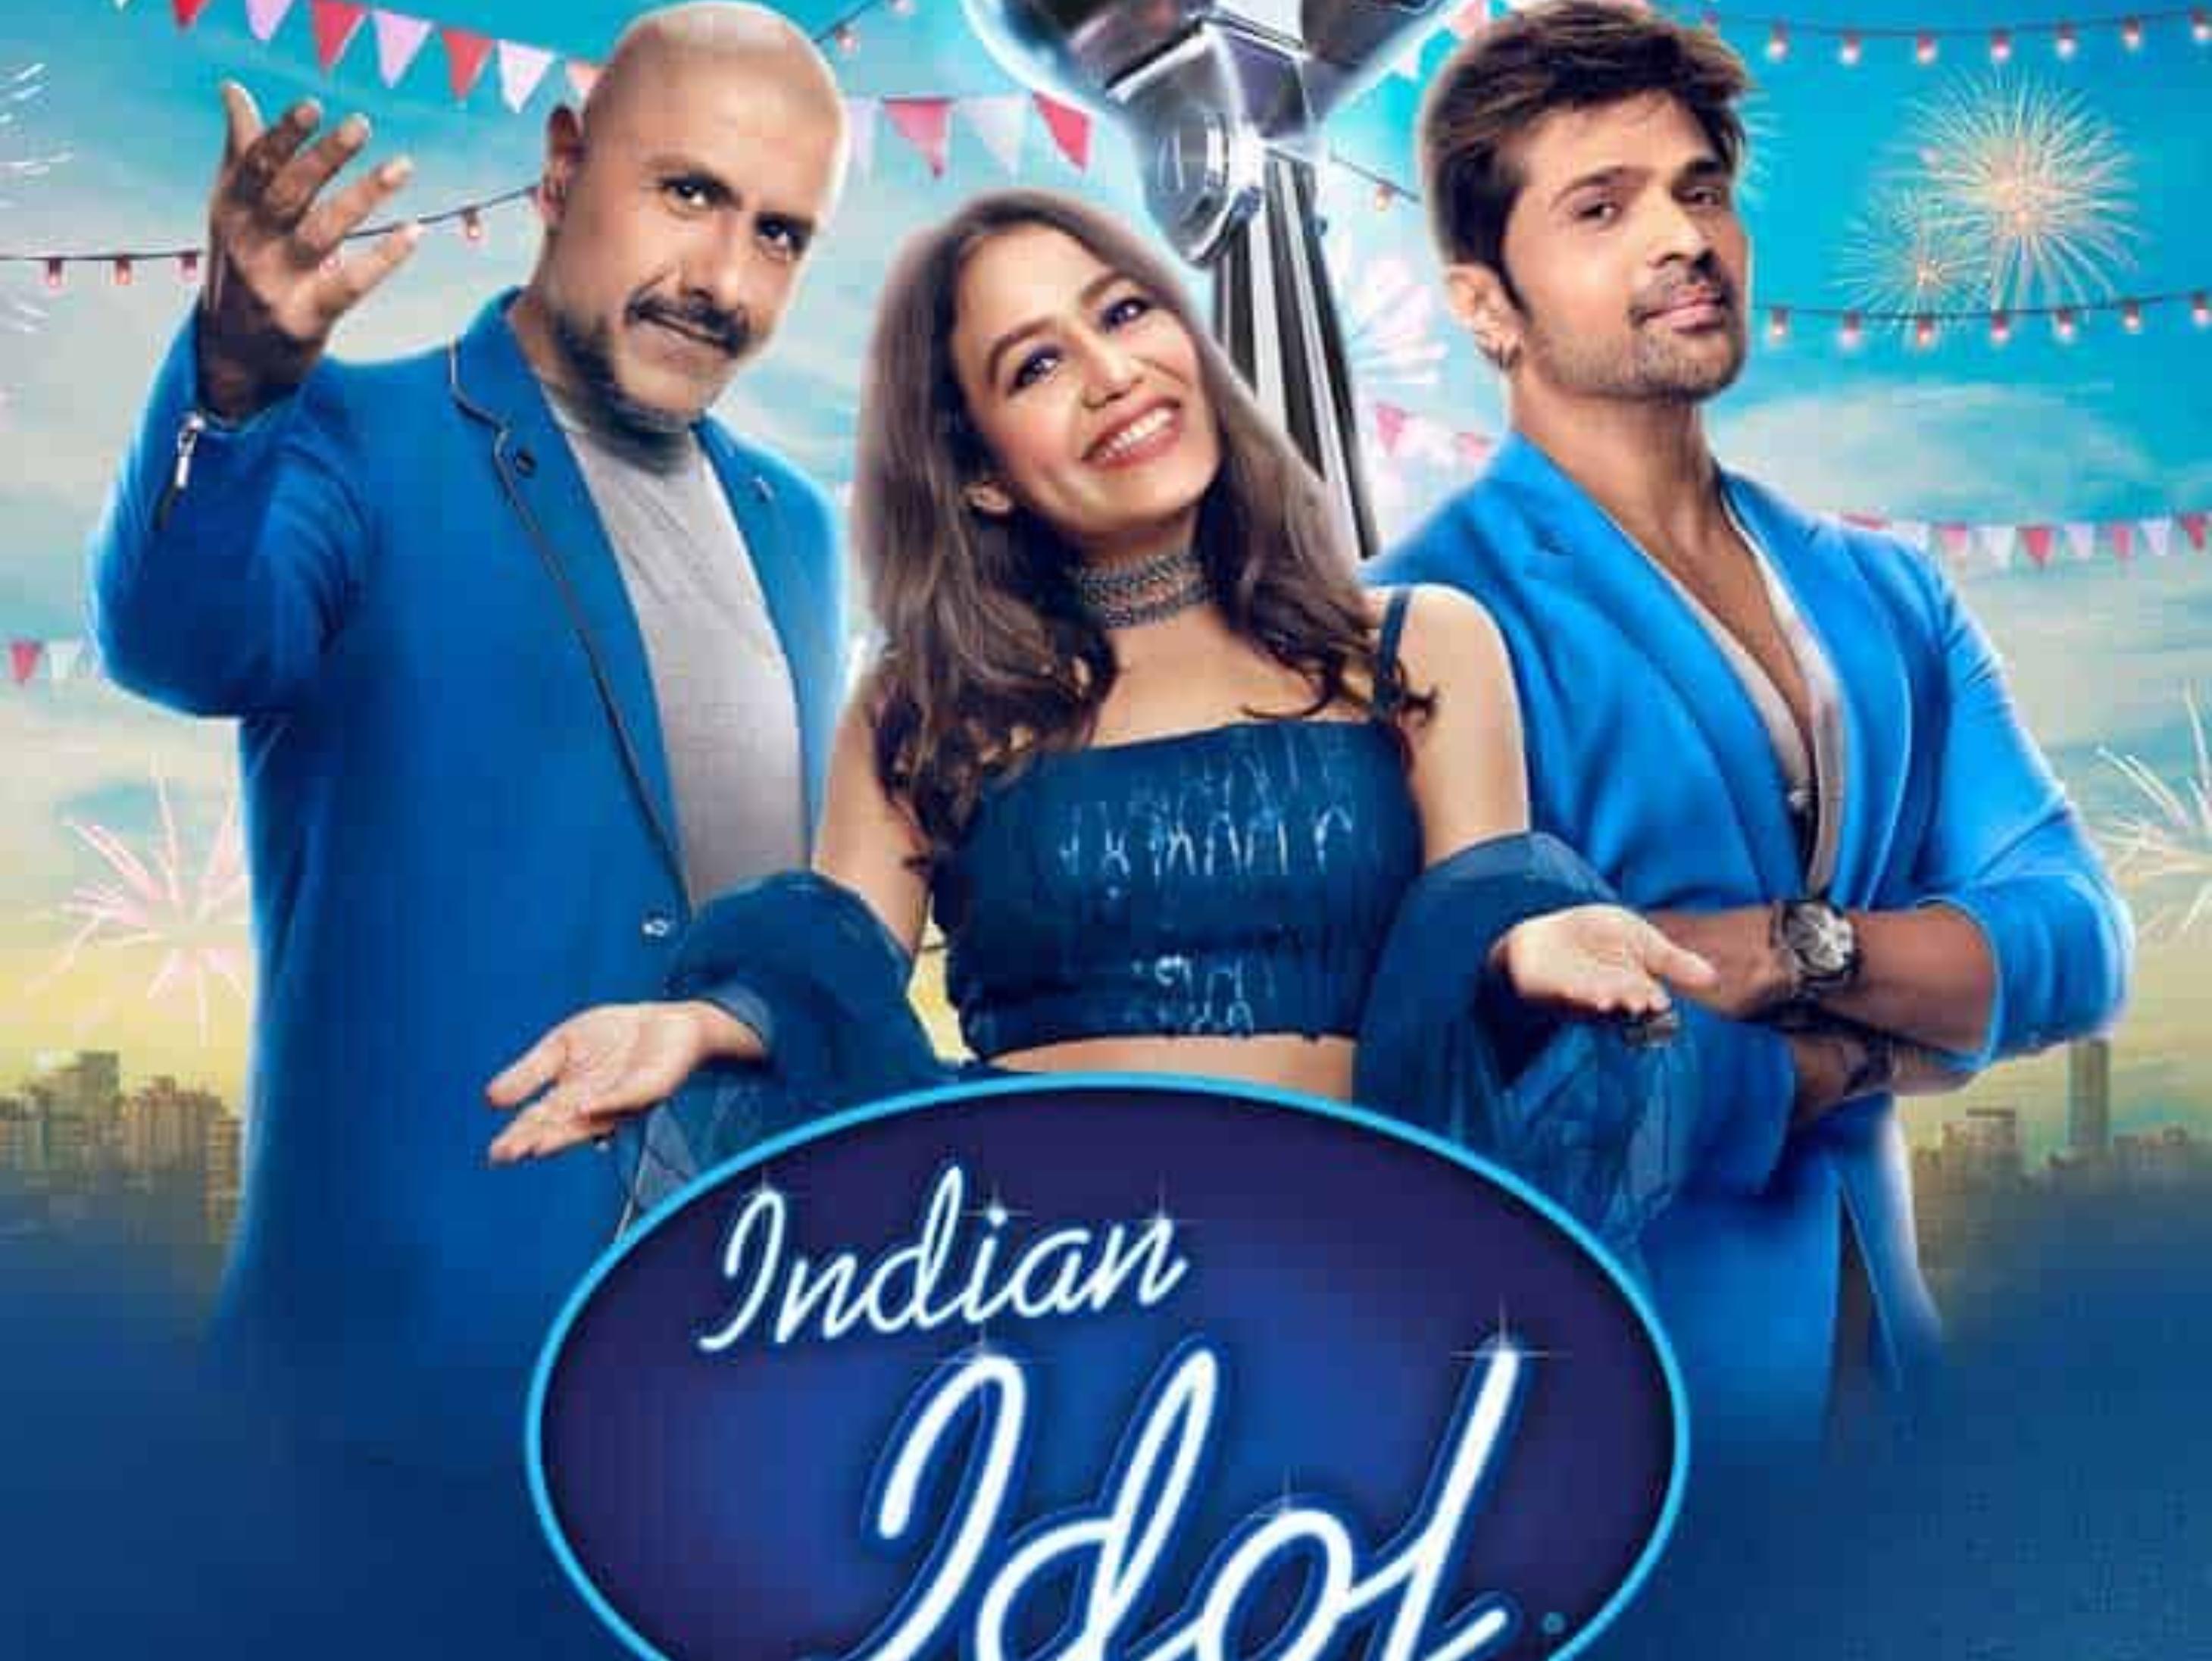 म्यूजिक रियलटी शो इंडियन आइडल 12 के सबसे विवादित और लम्बे सीजन का 15 अगस्त को होगा फिनाले टीवी,TV - Dainik Bhaskar